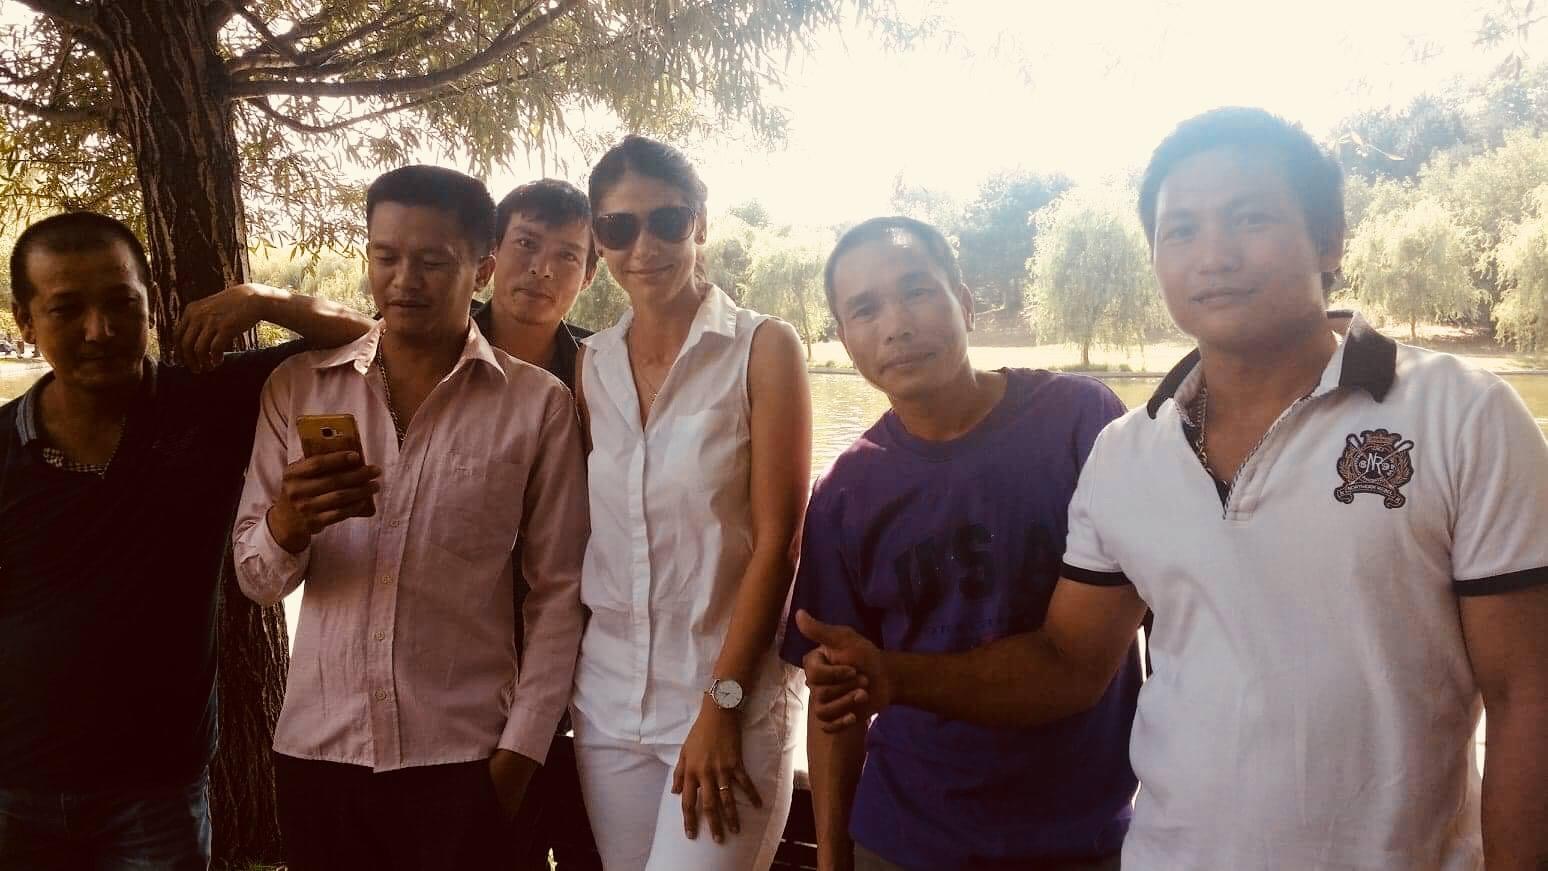 Am fost în Vietnam și Nepal să căutăm personal asiatic - Blog International Work Finder